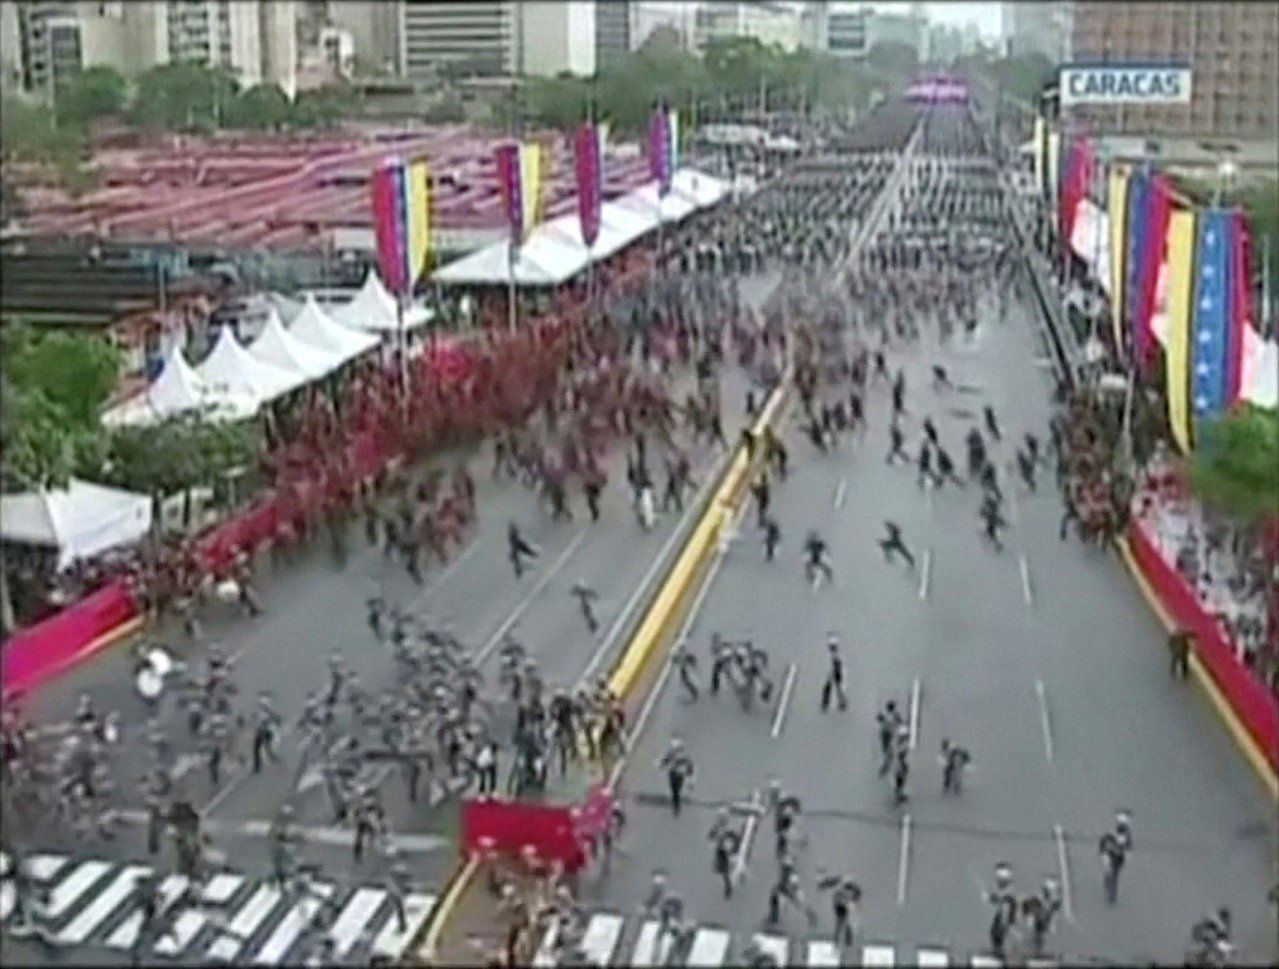 委內瑞拉總統馬杜洛4日在首都卡拉卡斯對國家衛隊發表演說時,遭到無人機炸彈攻擊,馬...